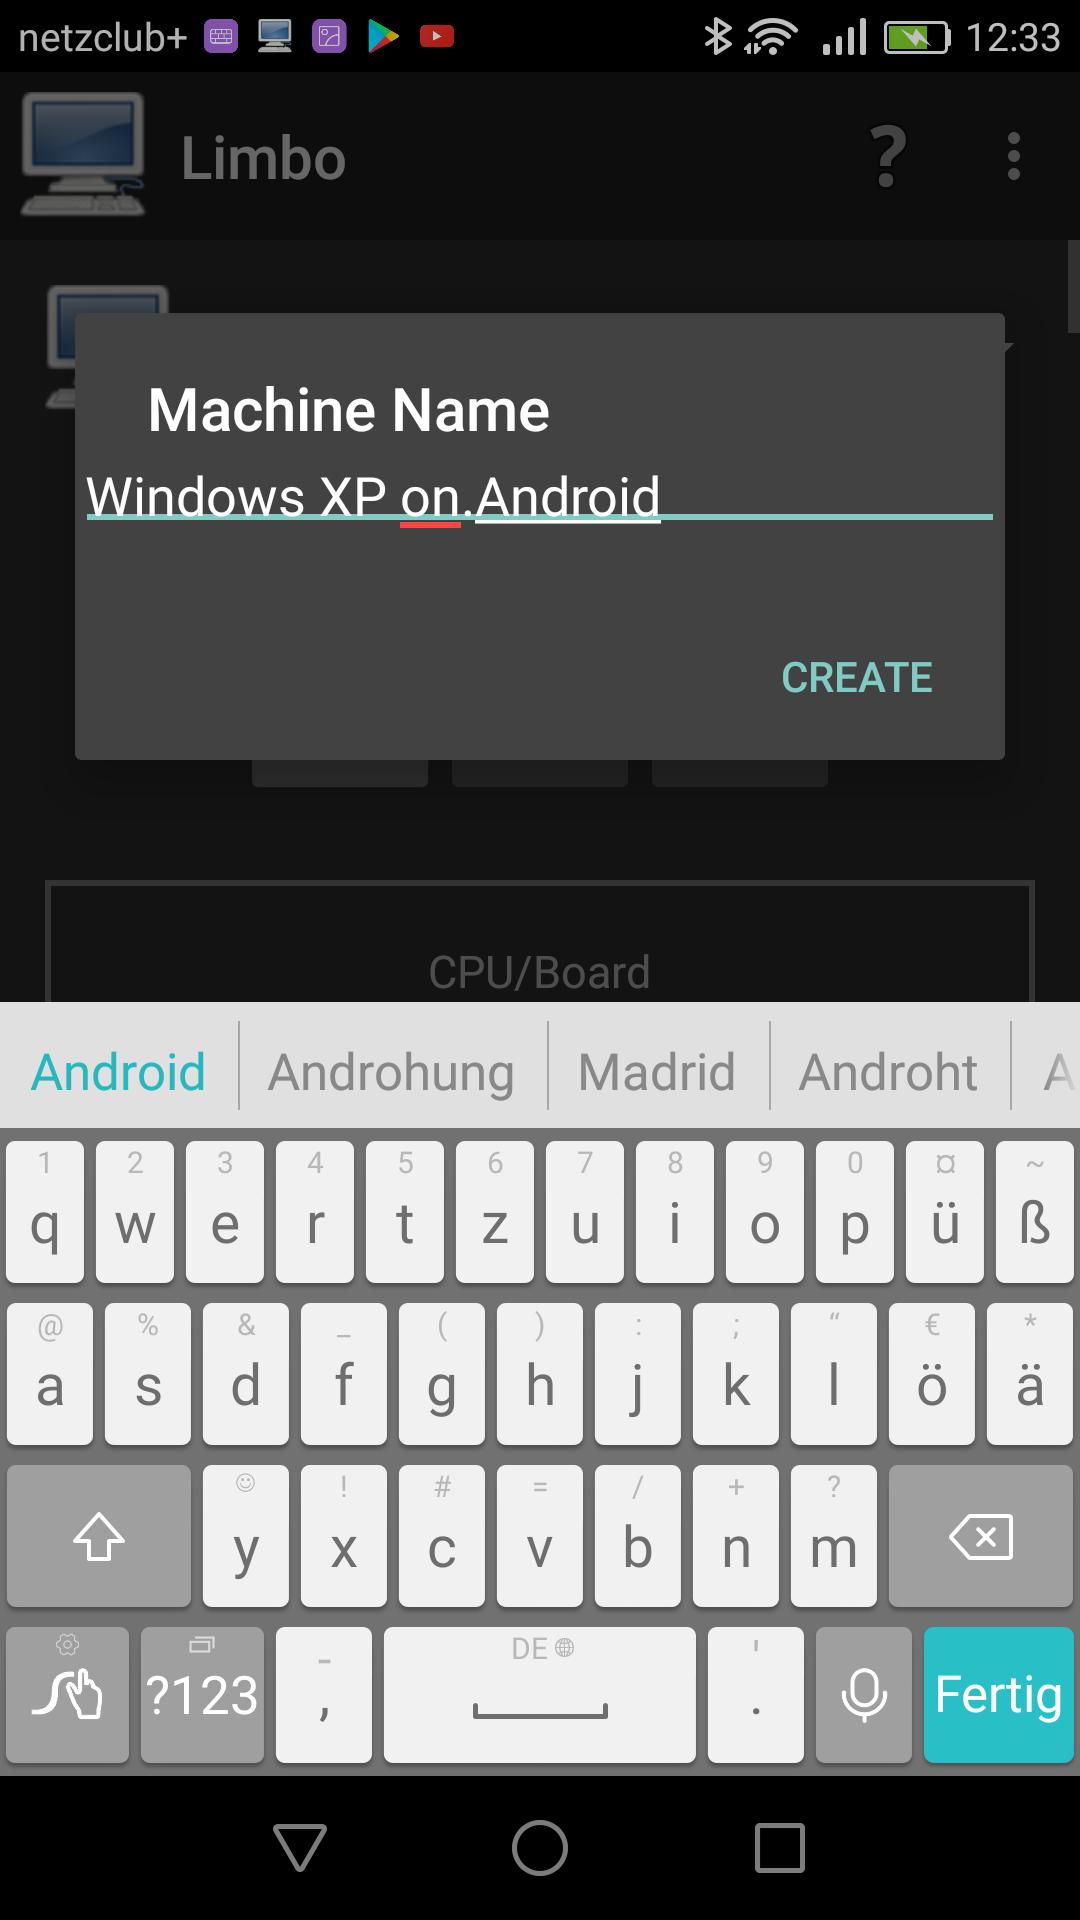 Windows XP, Windows 95, Windows 10 und mehr auf Android mit Limbo PC